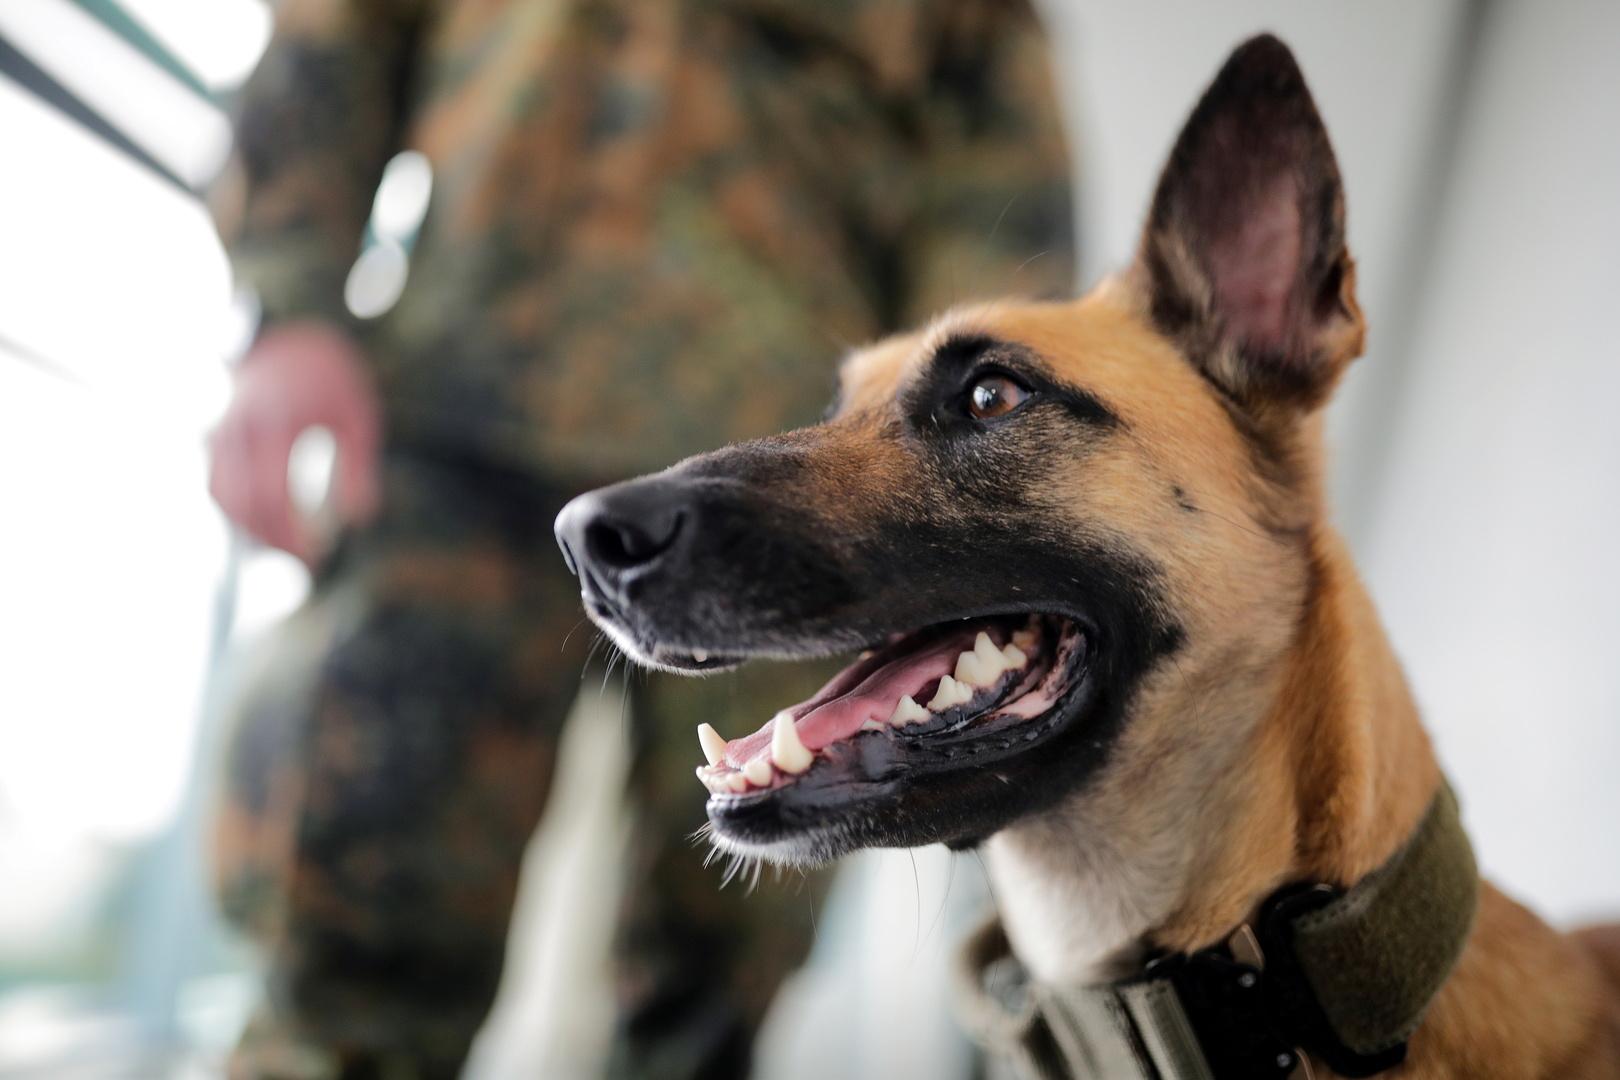 كلاب ألمانية مدربة تكتشف الإصابة بكورونا بنسبة 94%